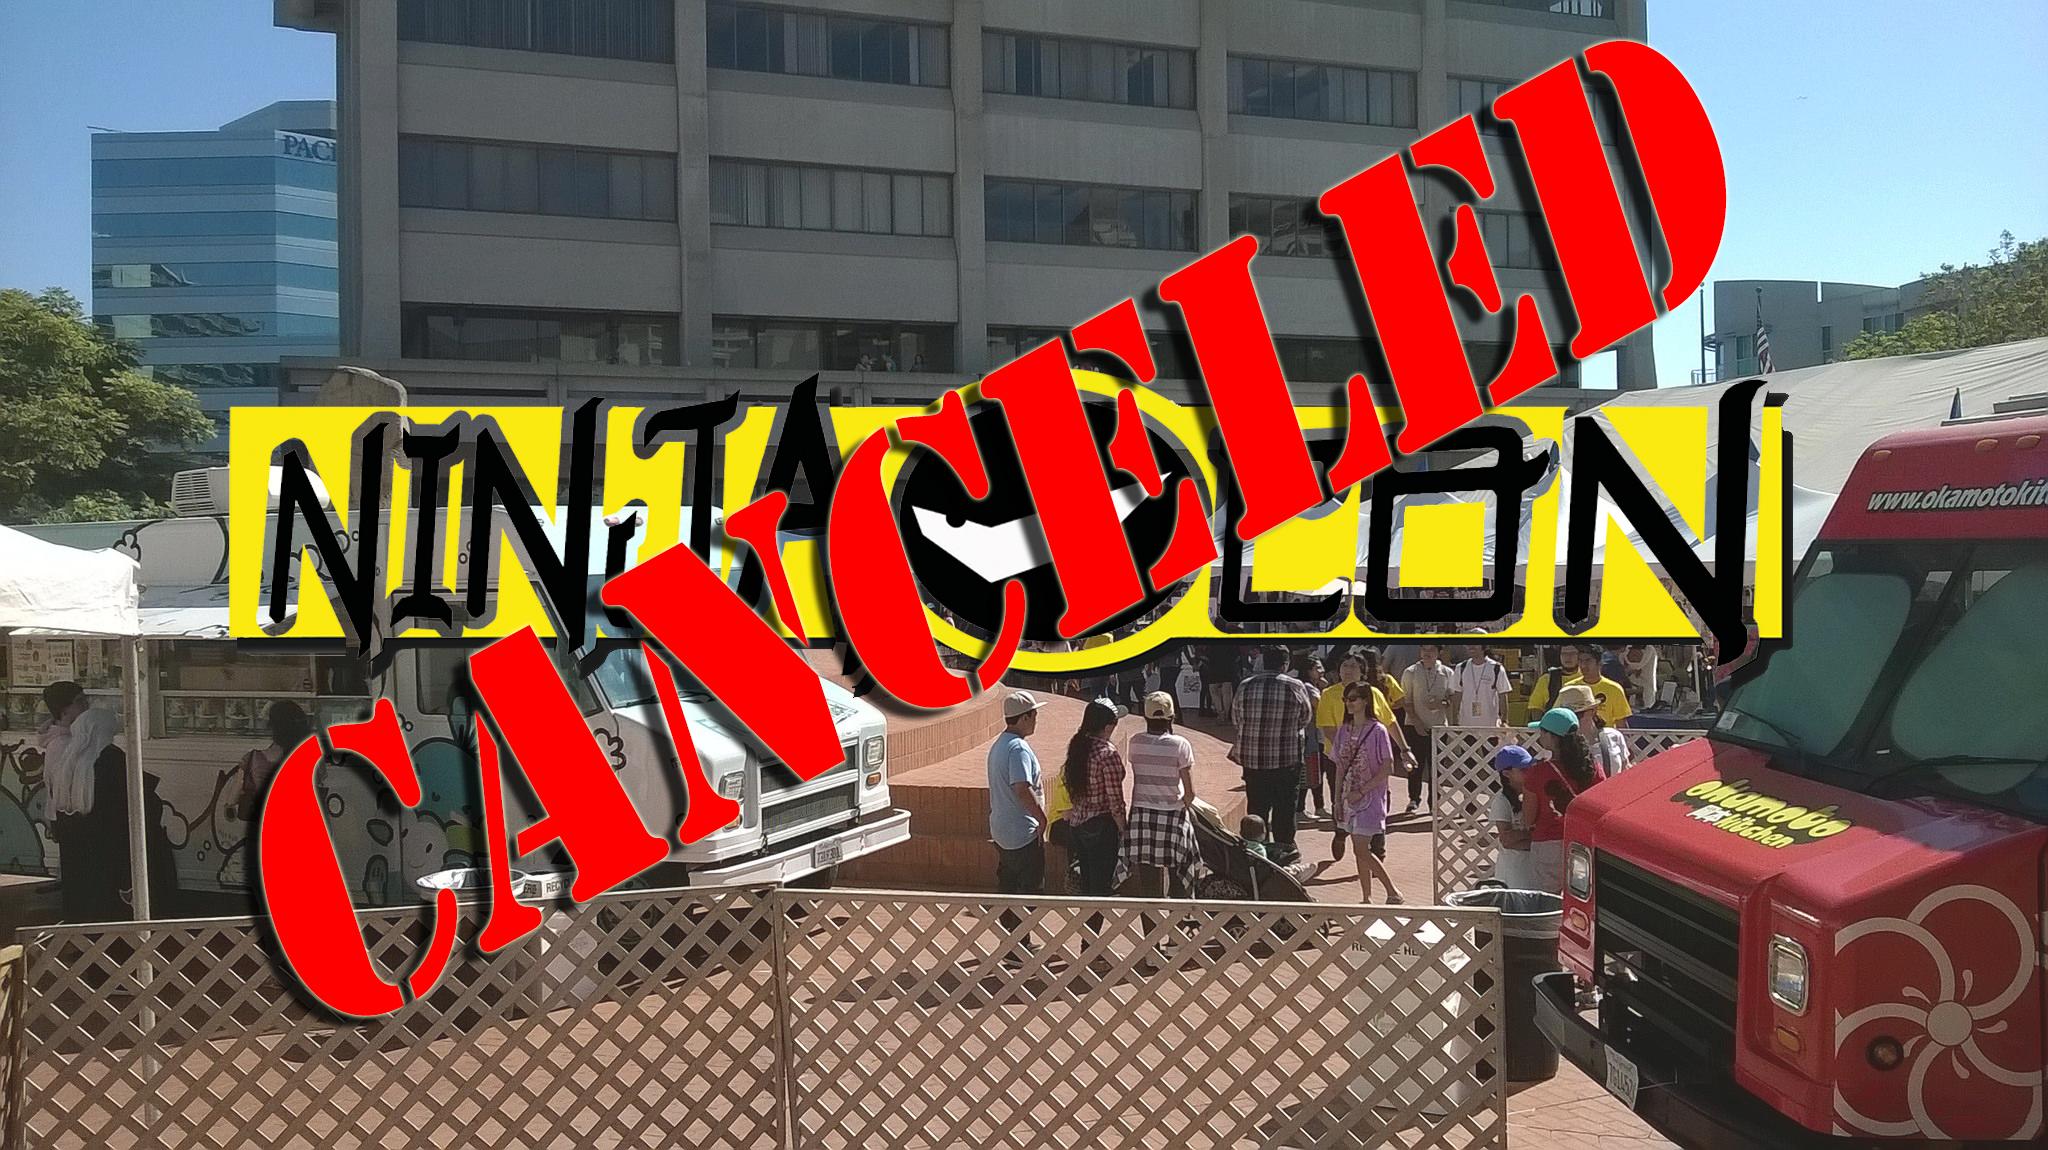 Ninja-Con Is Canceled